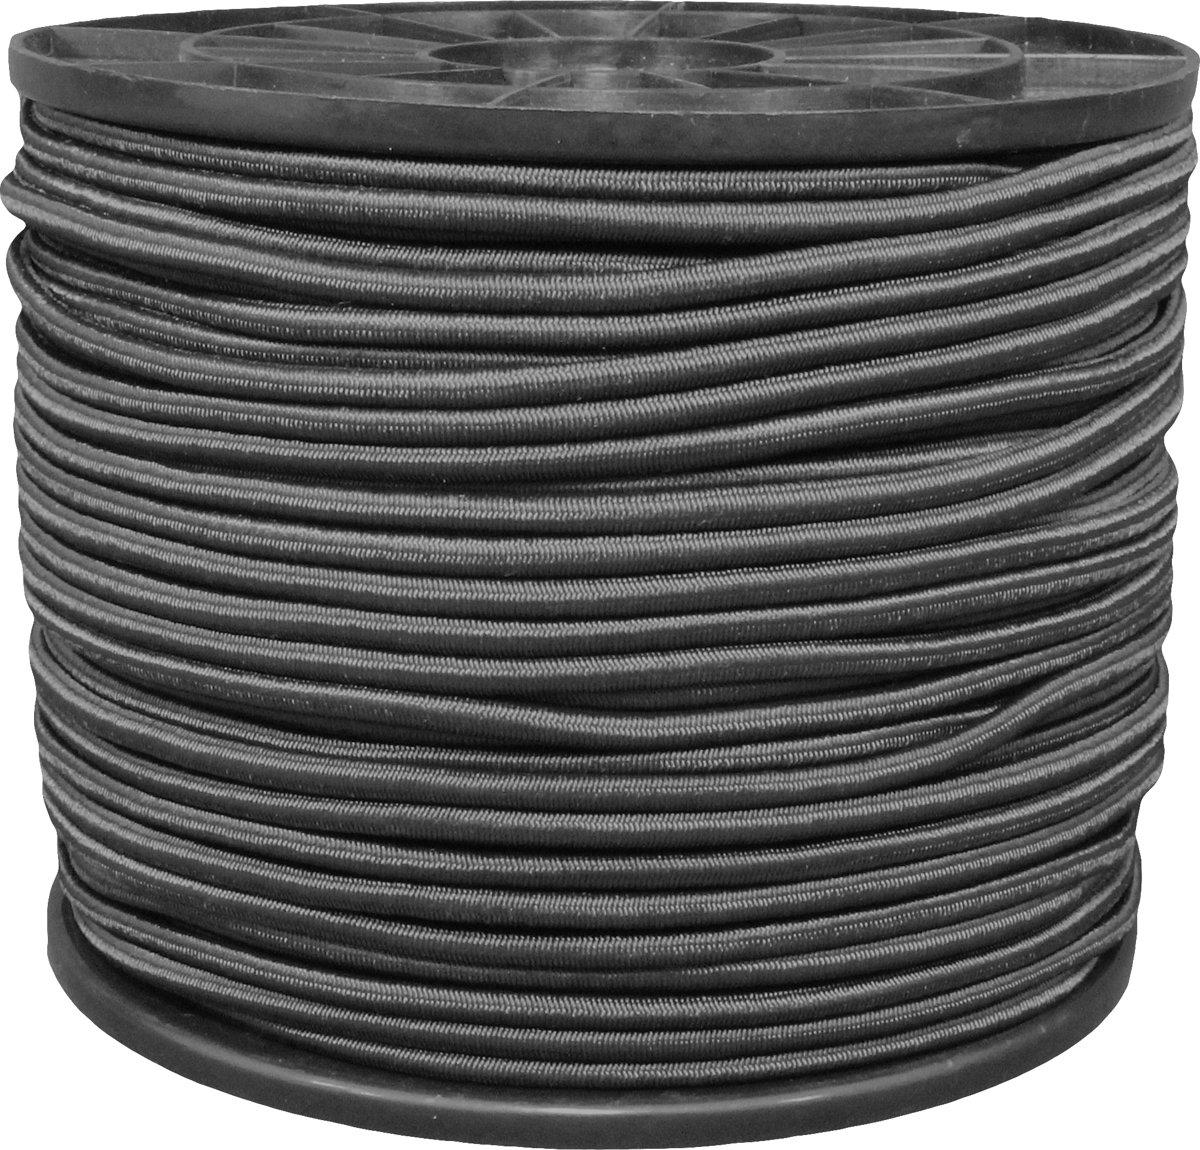 Elastiekkoord - koord - elastiek -  zwart 4 mm - 100 mtr - haspel kopen